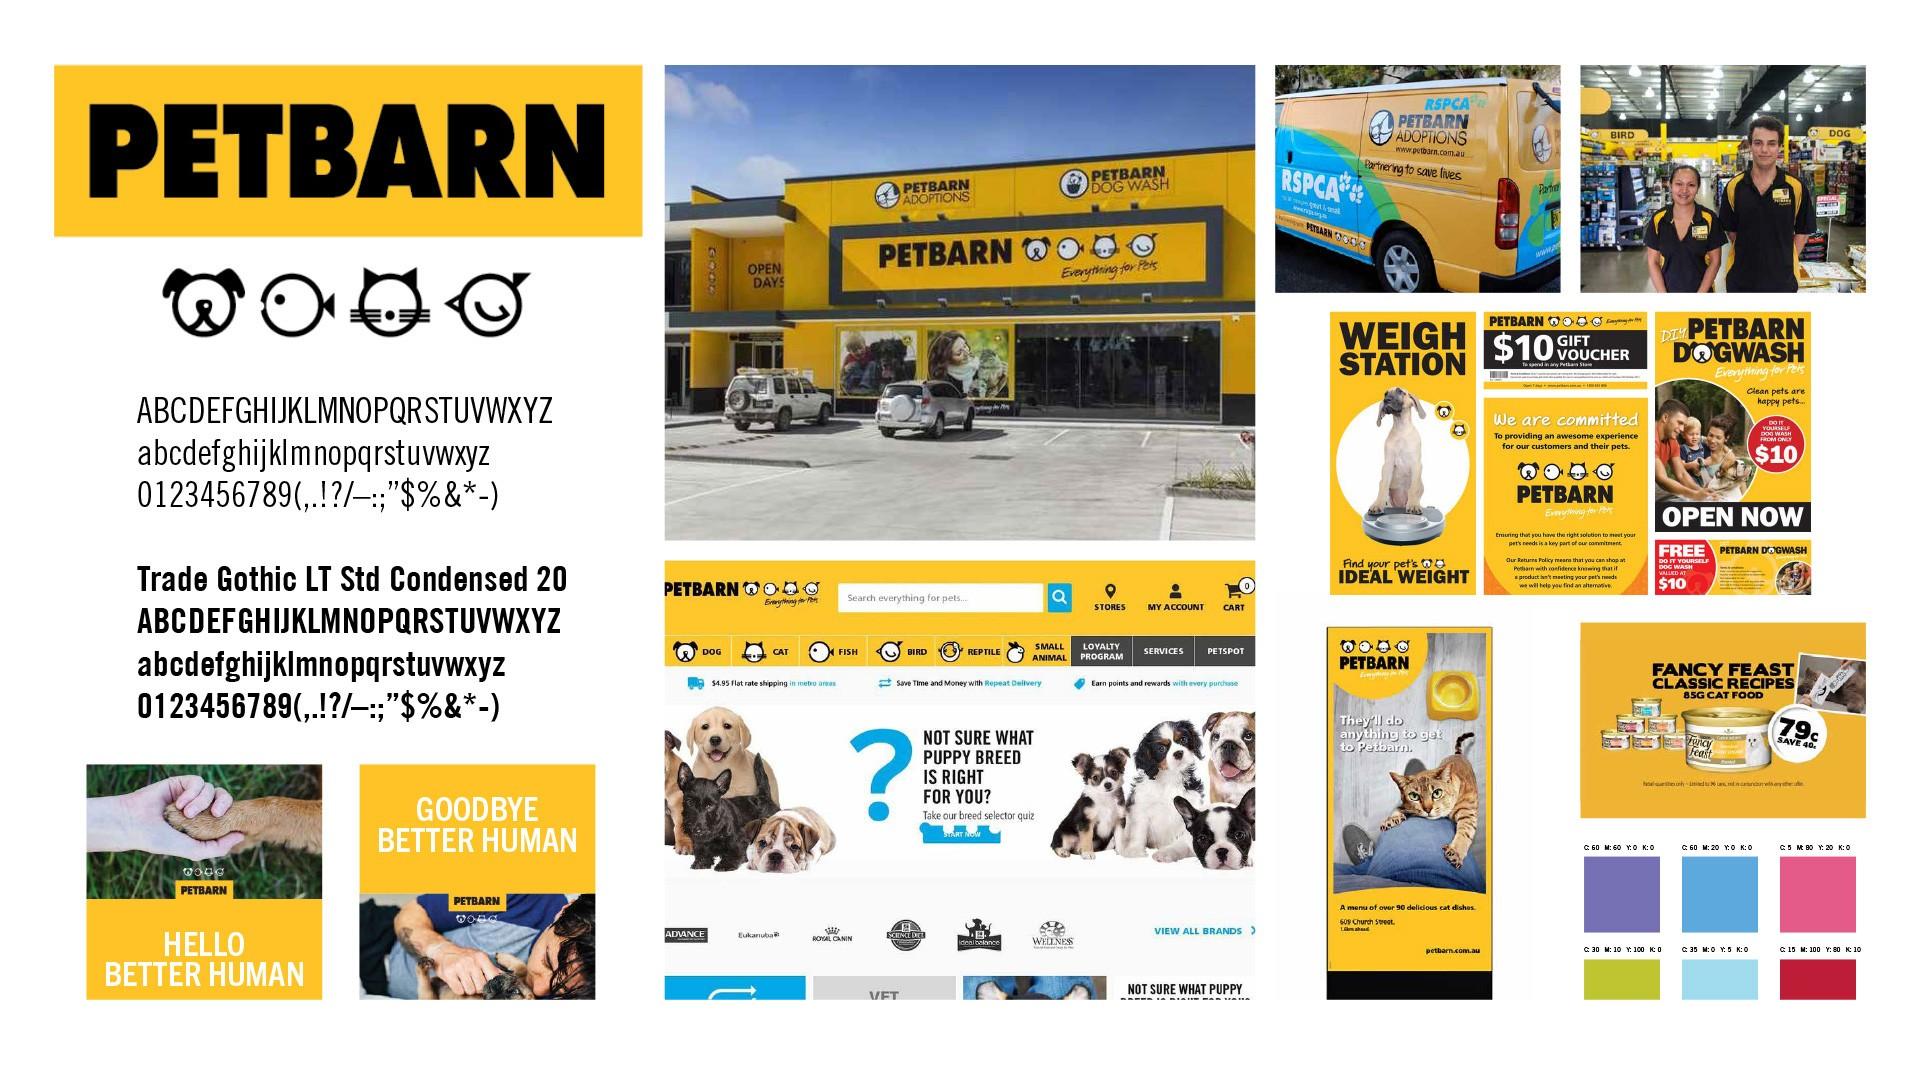 澳大利亚宠物机构Petbarn品牌新形象